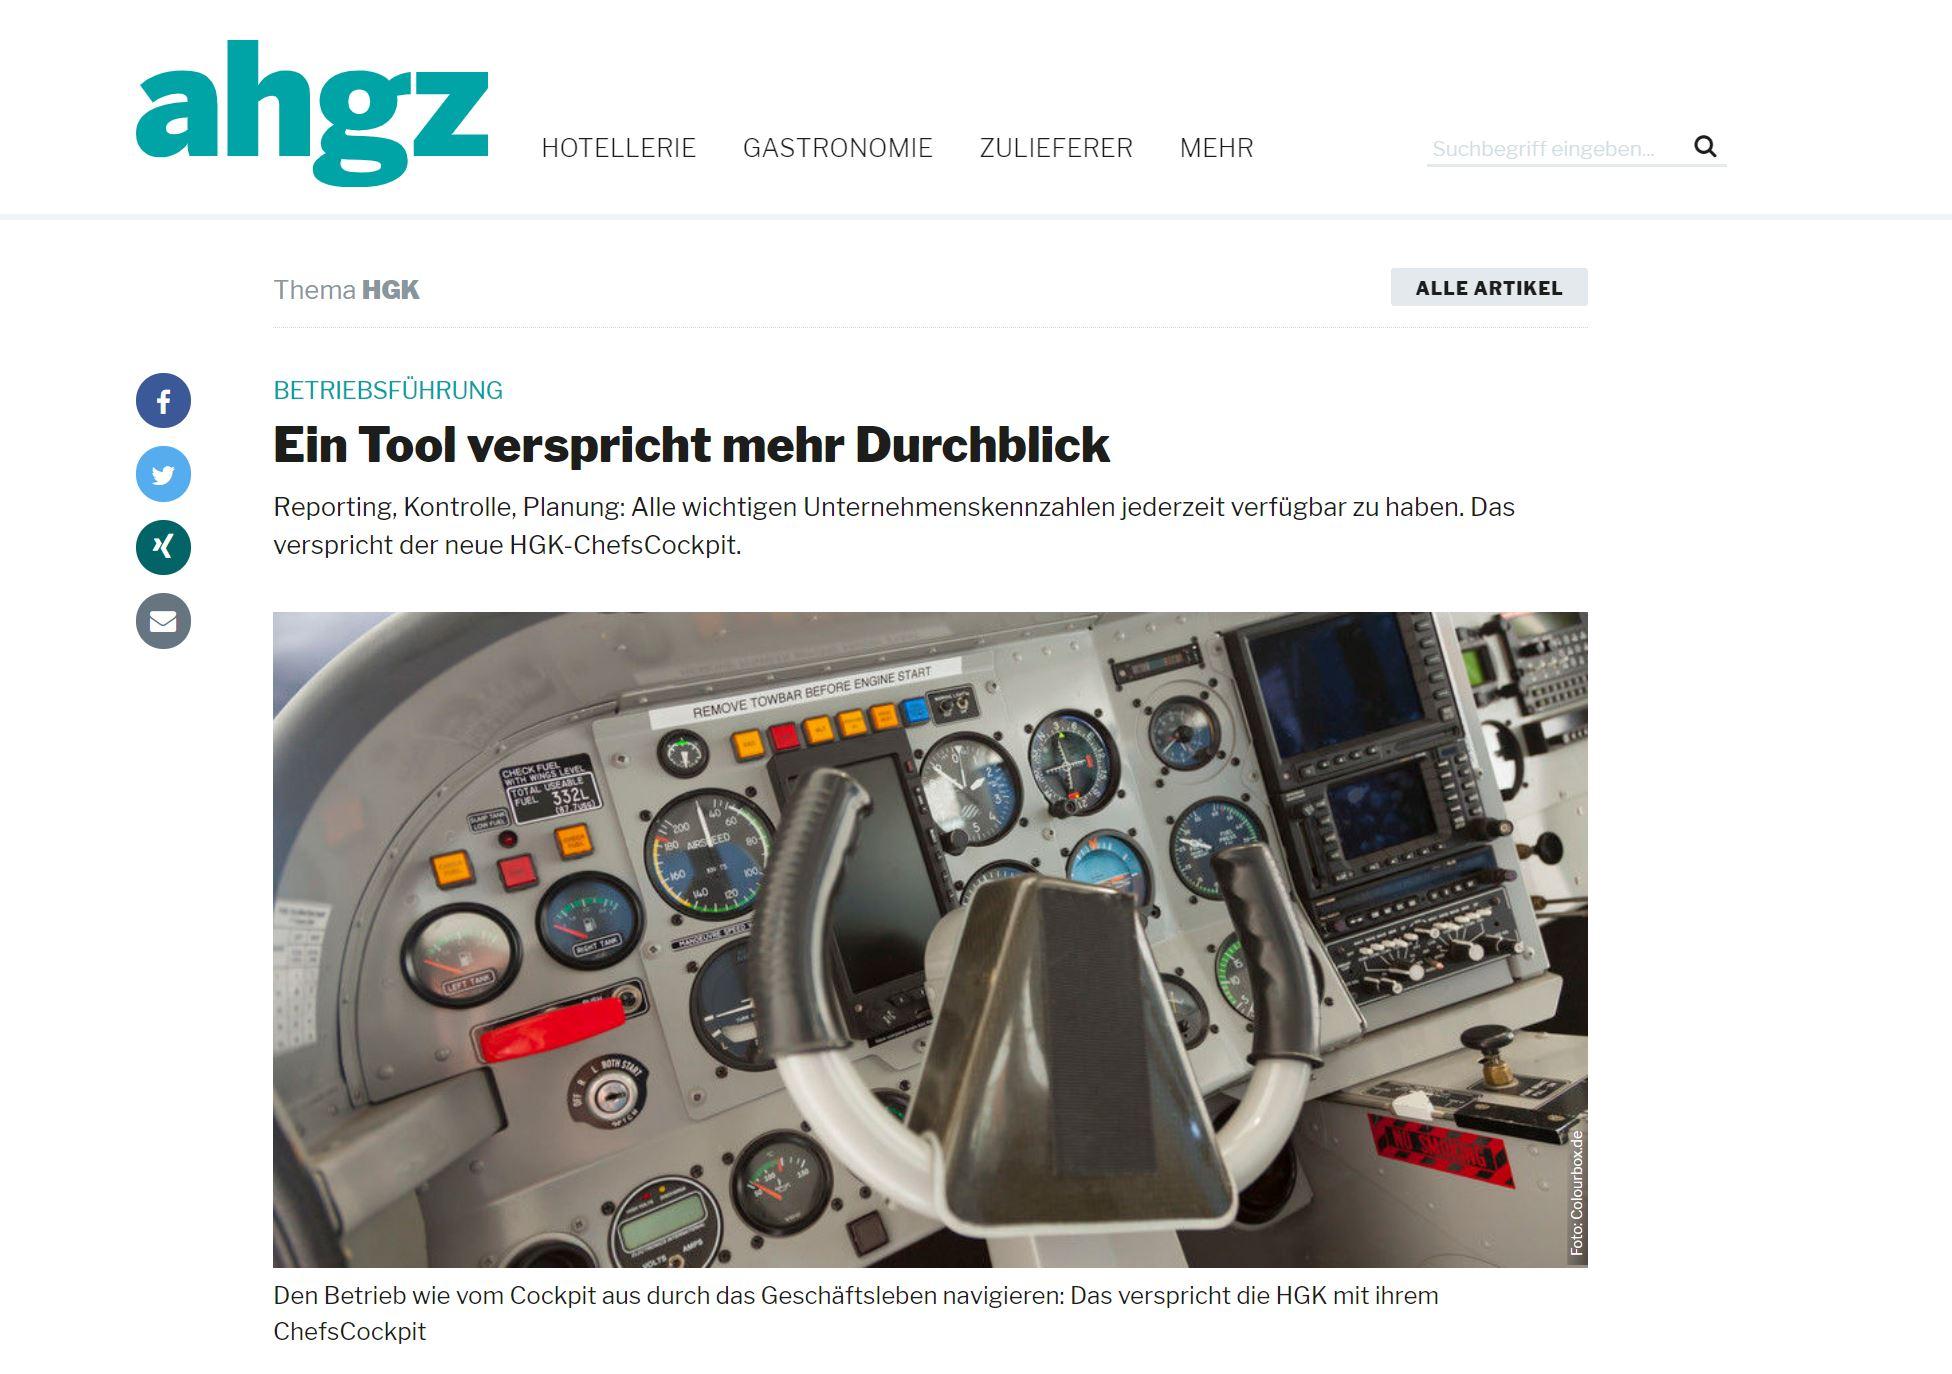 Artikel in AHGZ über Kooperation mit eagleControl